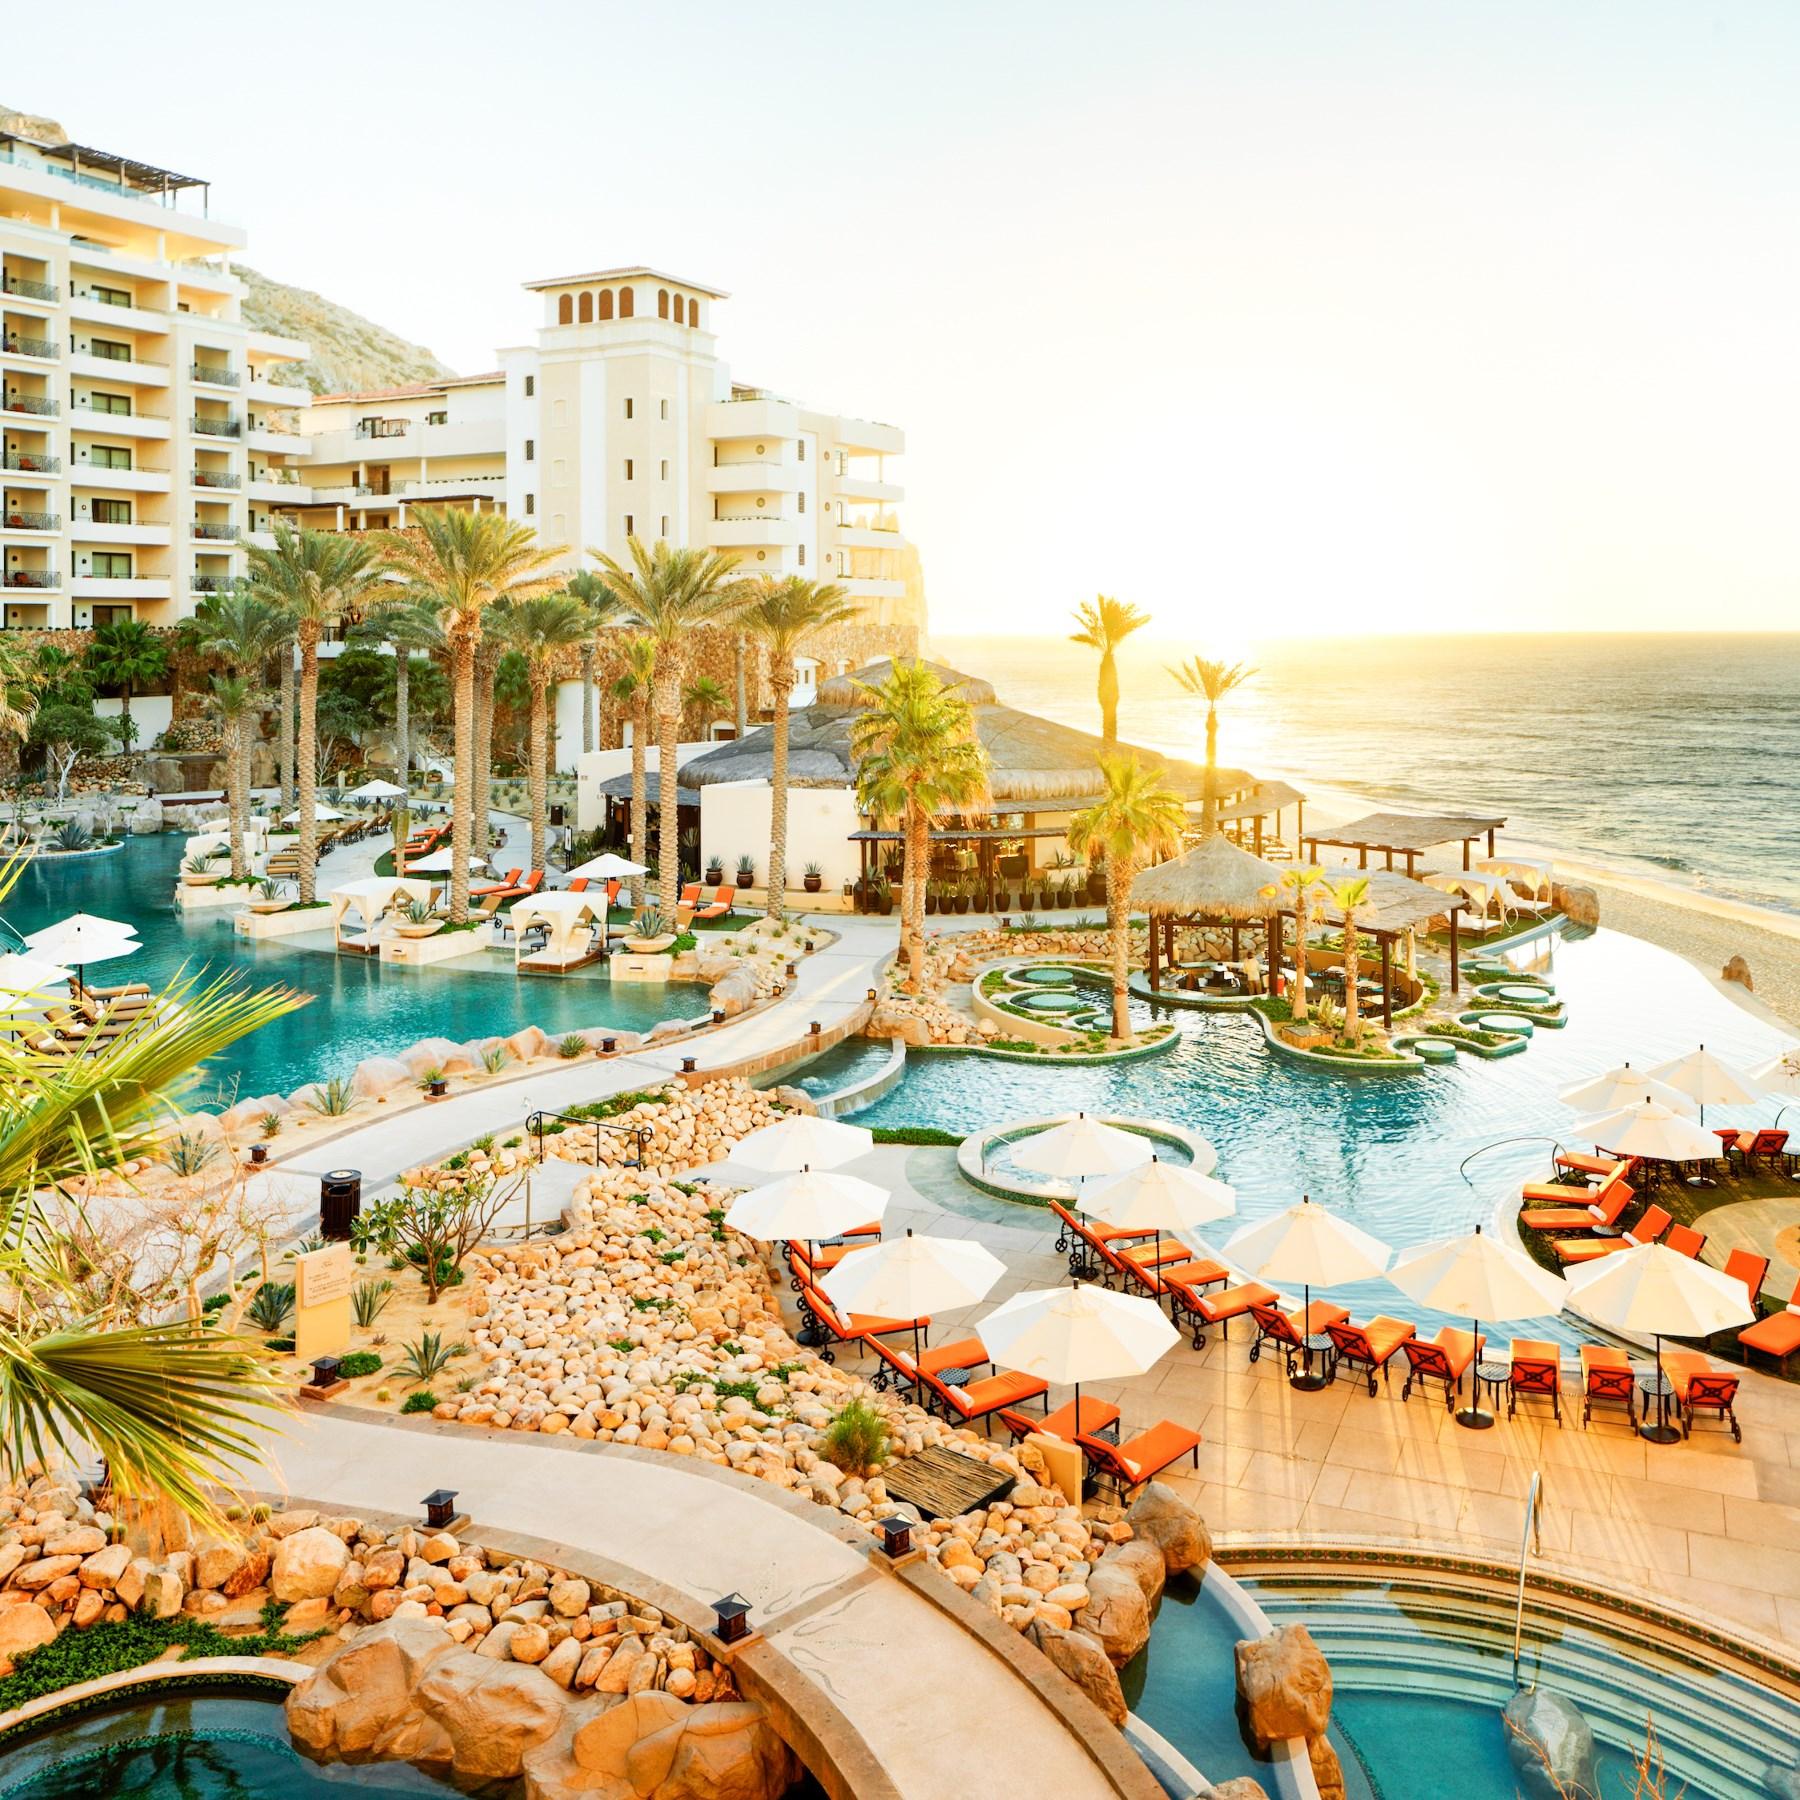 Solmar Resorts - Top 5 Resorts in Los Cabos